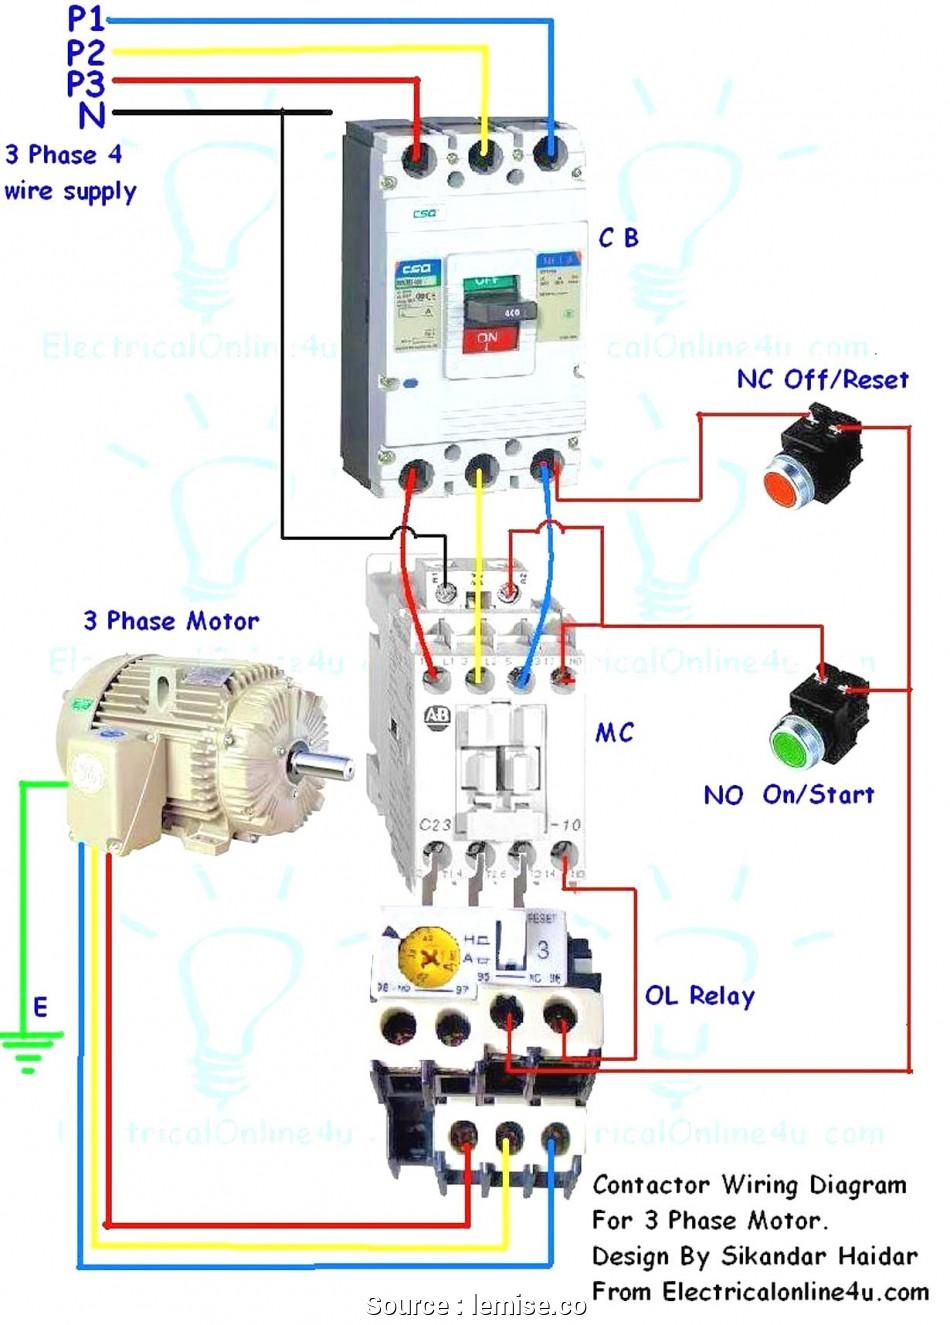 [DIAGRAM_5FD]  ZD_0522] A1 A2 Contactor Wiring Diagram Wiring Diagram | Wiring 3 Pole Contactor |  | Hyedi Basi Apan Pneu Tzici Rect Mohammedshrine Librar Wiring 101